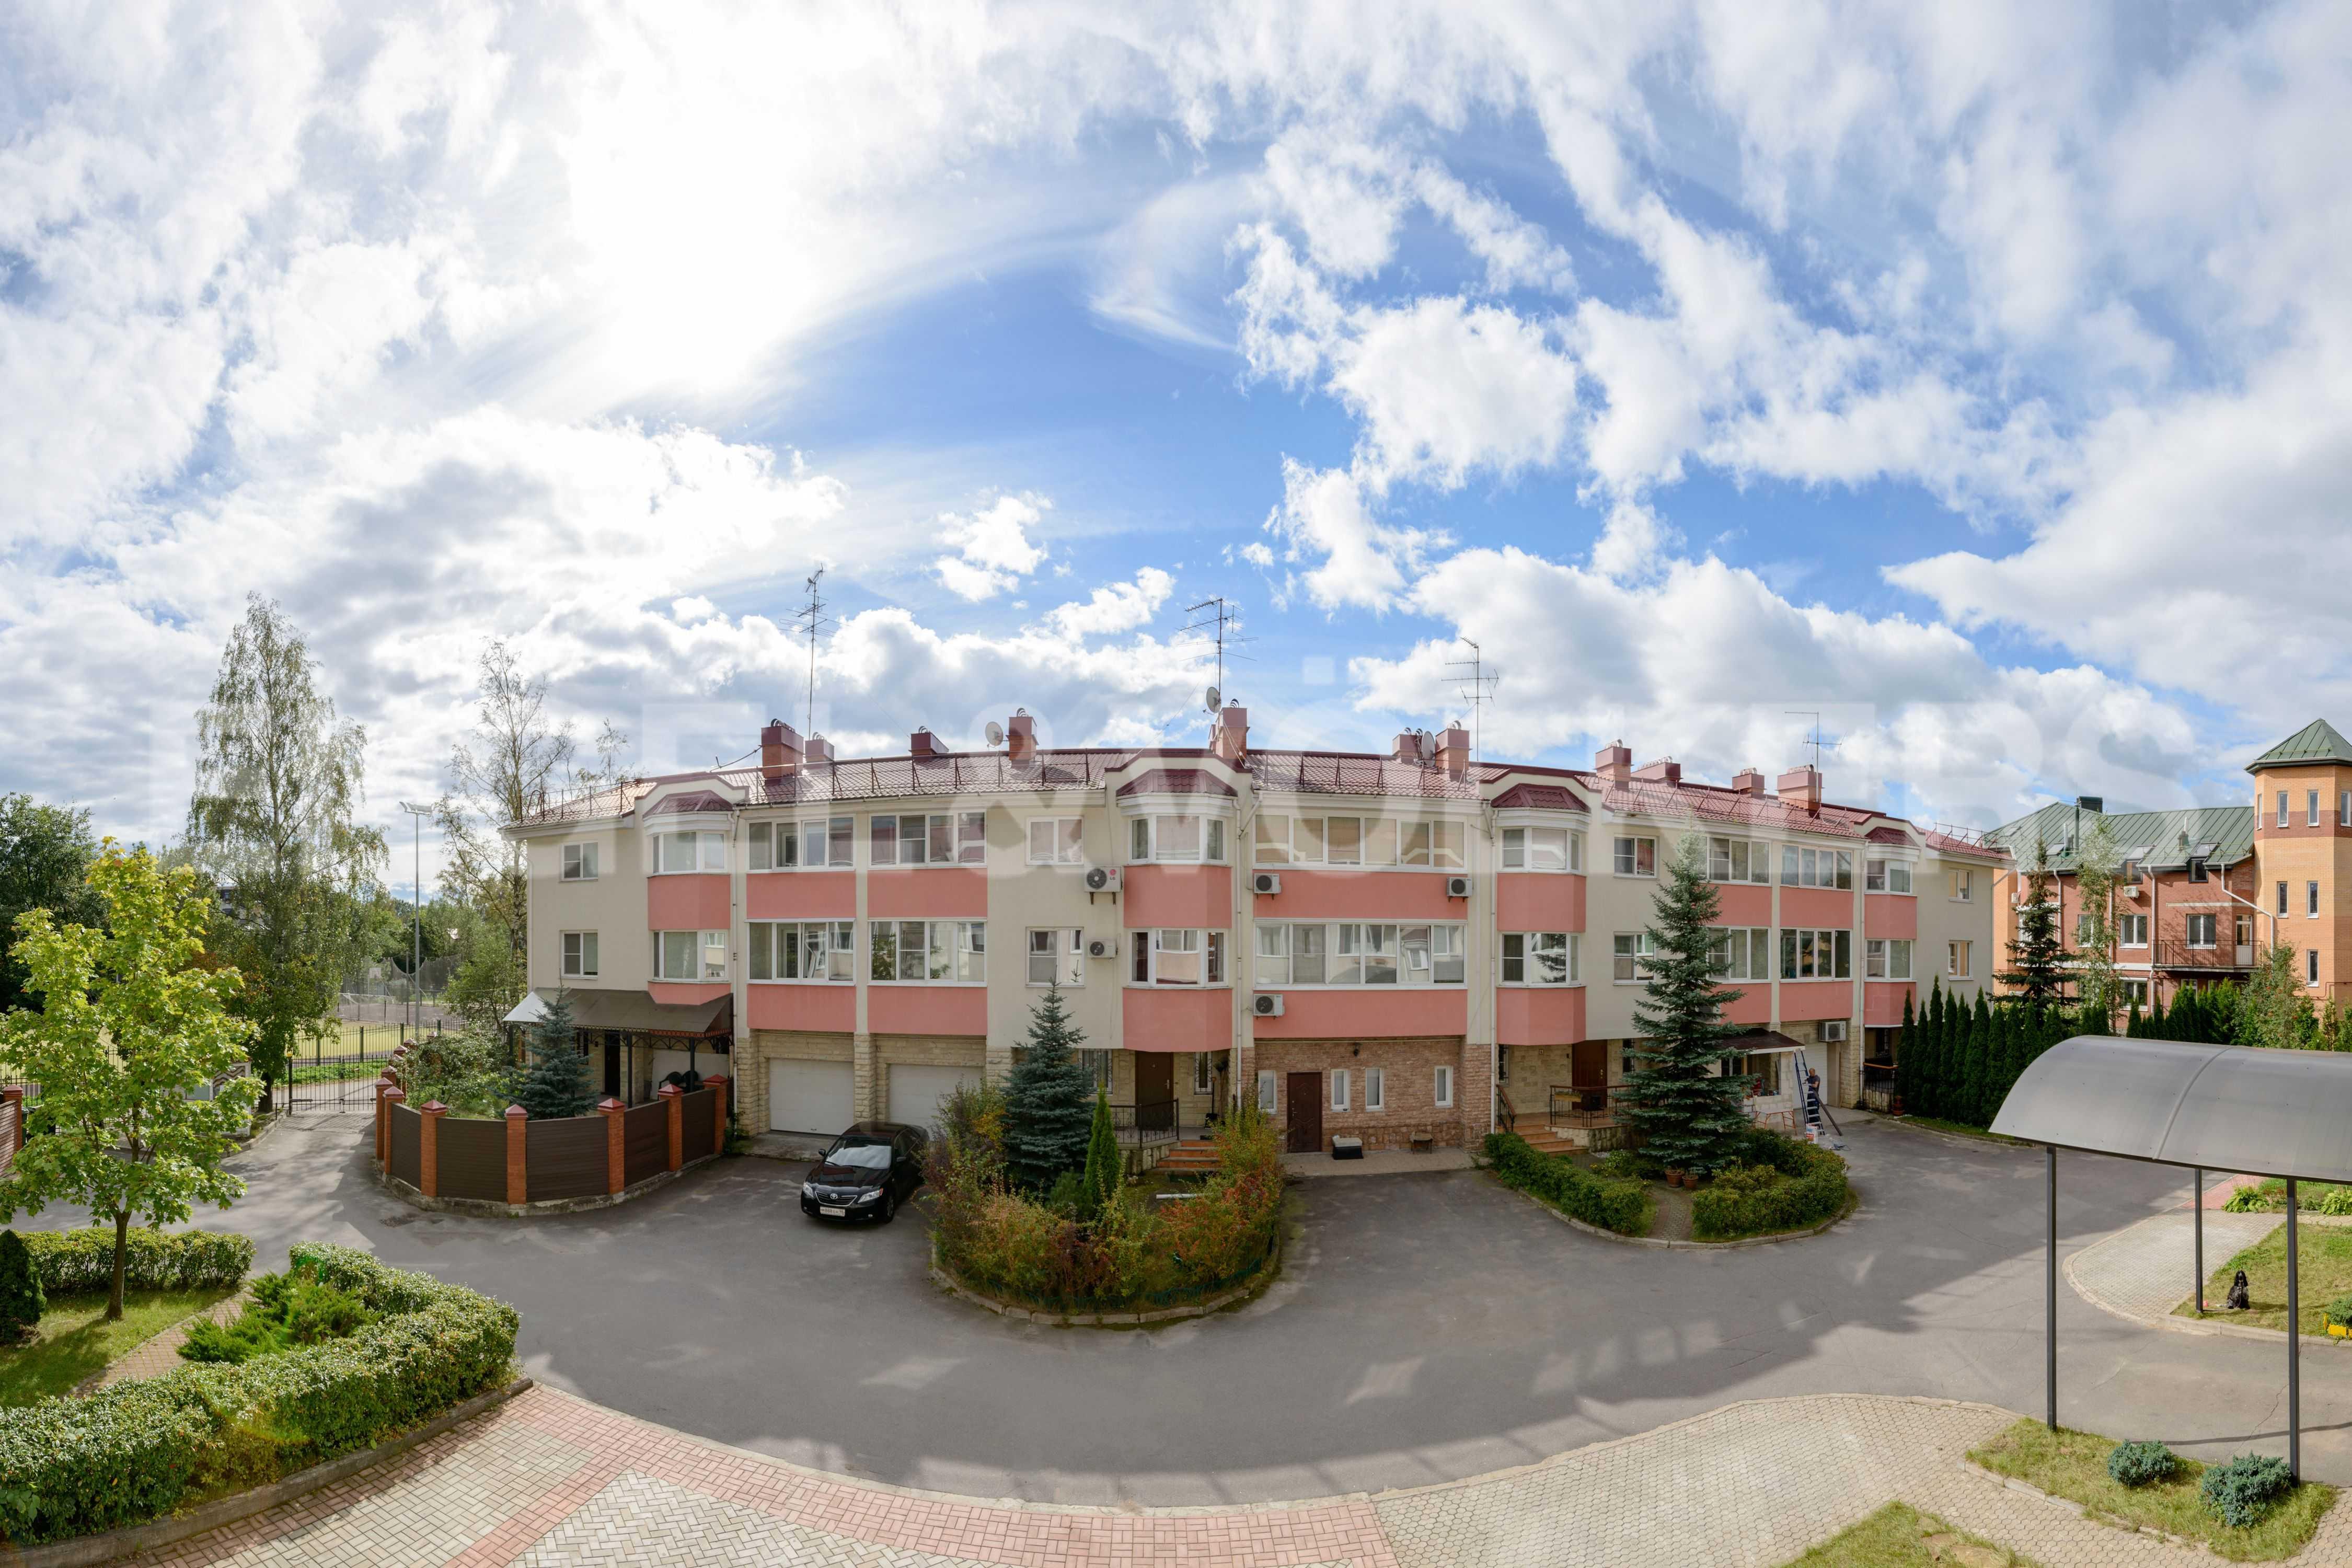 Элитные квартиры в Других районах области. Санкт-Петербург, Тбилисская, 22 . Вид из окон на придомовую территорию